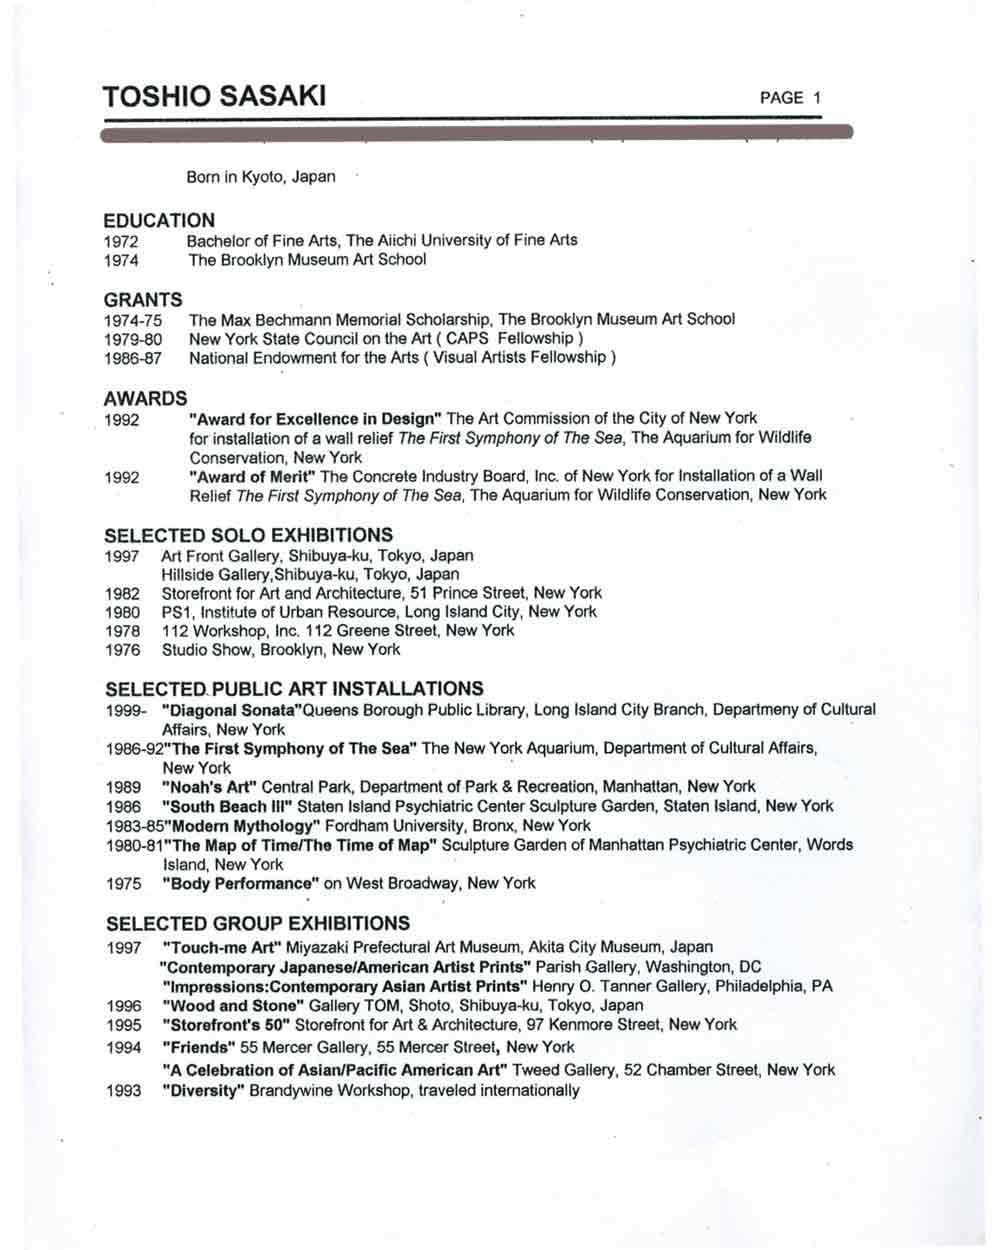 Toshio Sasaki's resume, pg 1